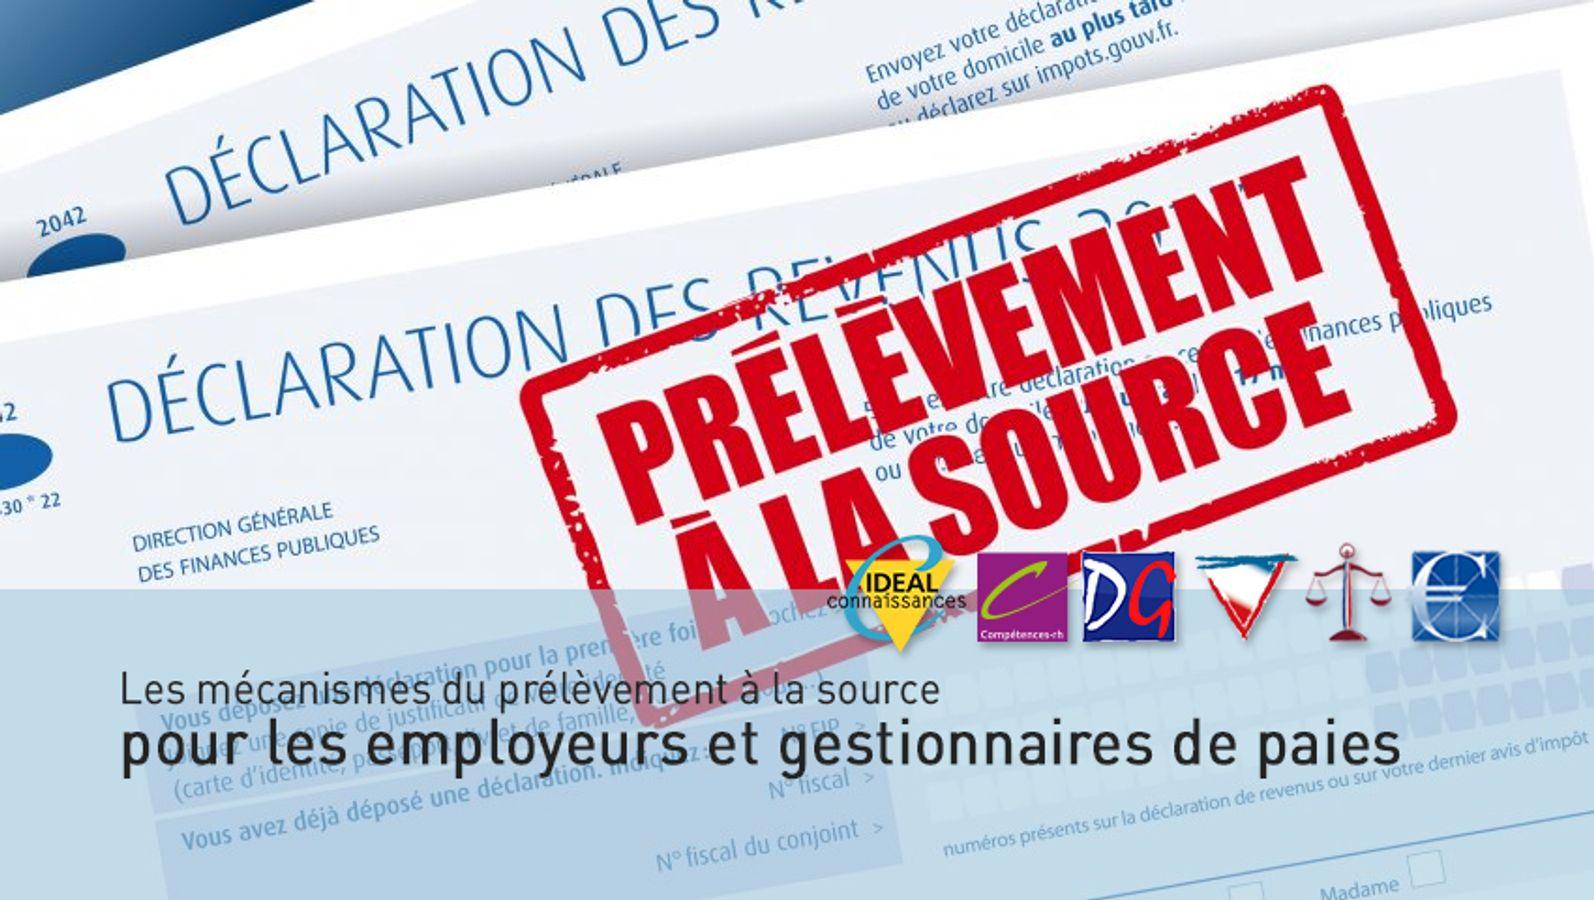 Les mécanismes du prélèvement à la source pour les employeurs et gestionnaires de paies - animée par le Ministère de l'économie et des finances